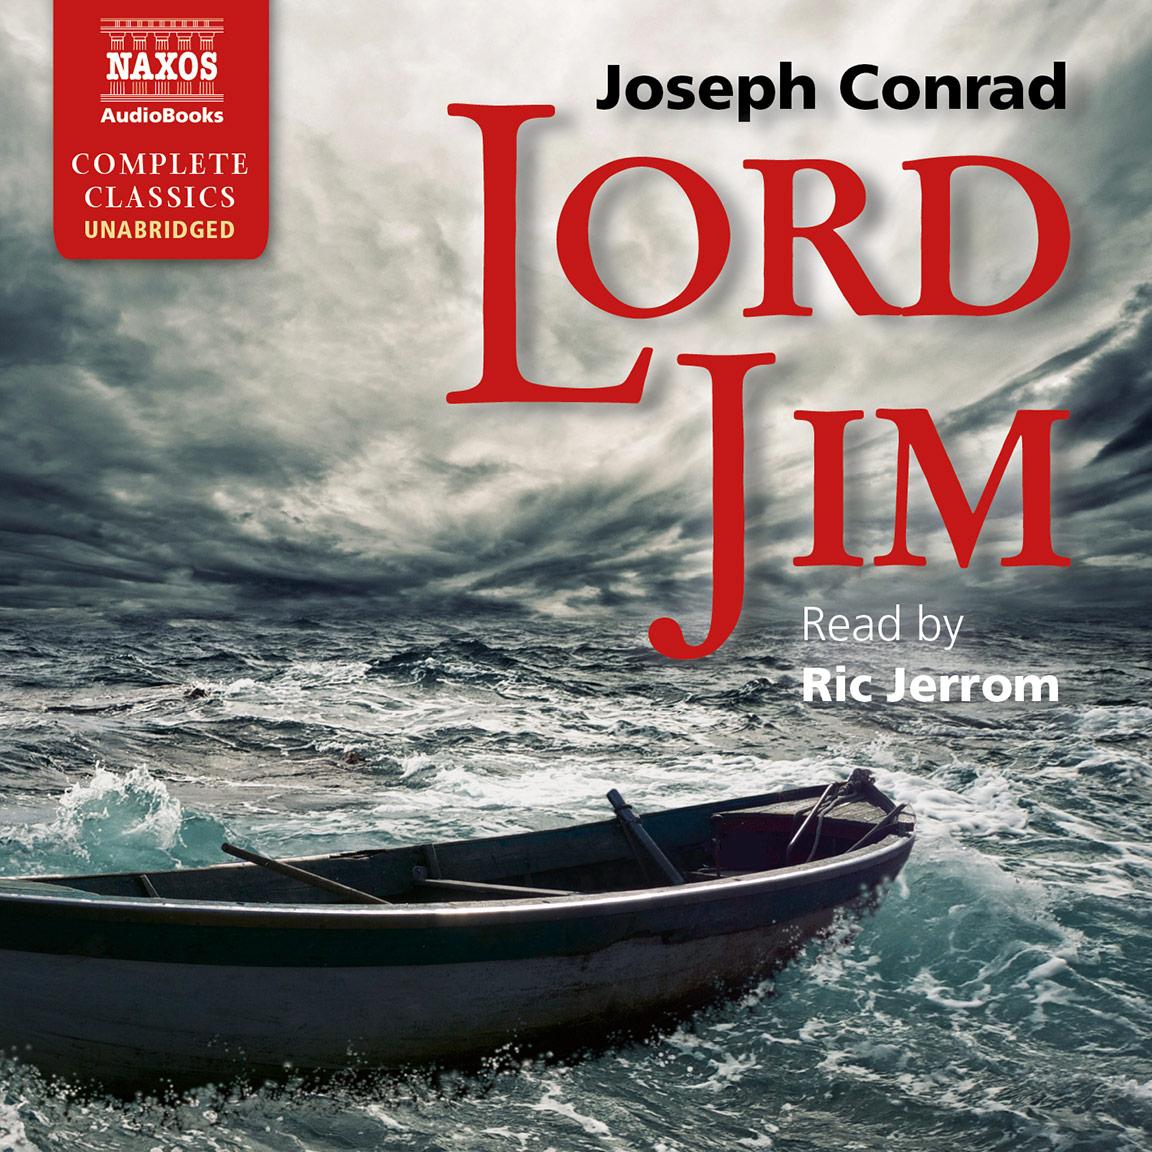 Lord Jim (unabridged)